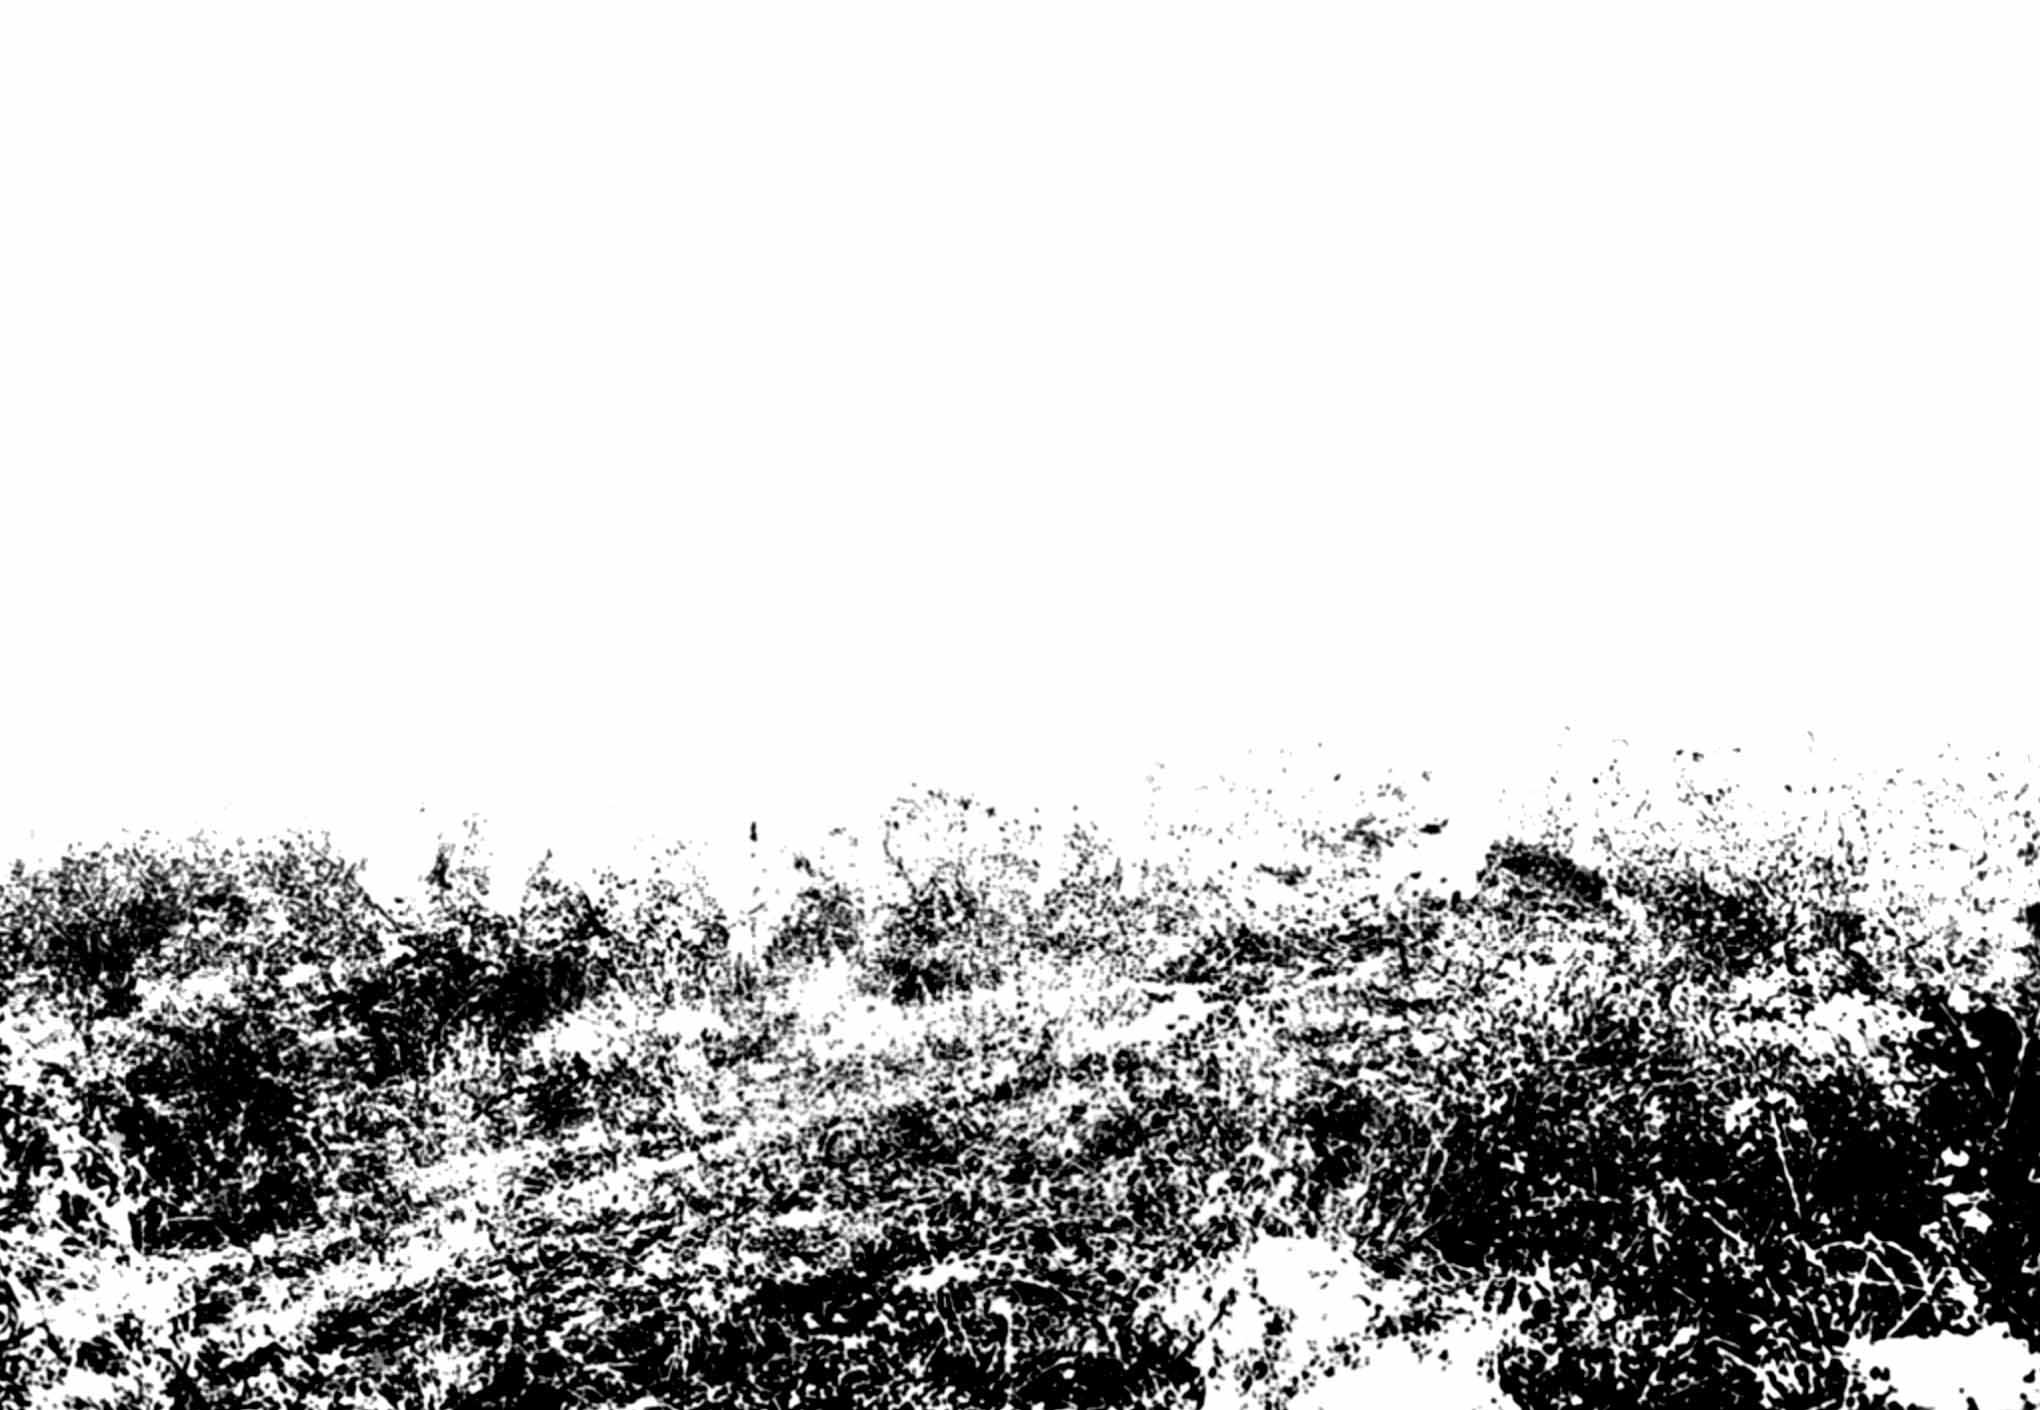 """"""" L'Enterrement dans les Blés """" - Encre de Chine sur papier Canson 1.05 X 0.75 - Prix sur demande -"""